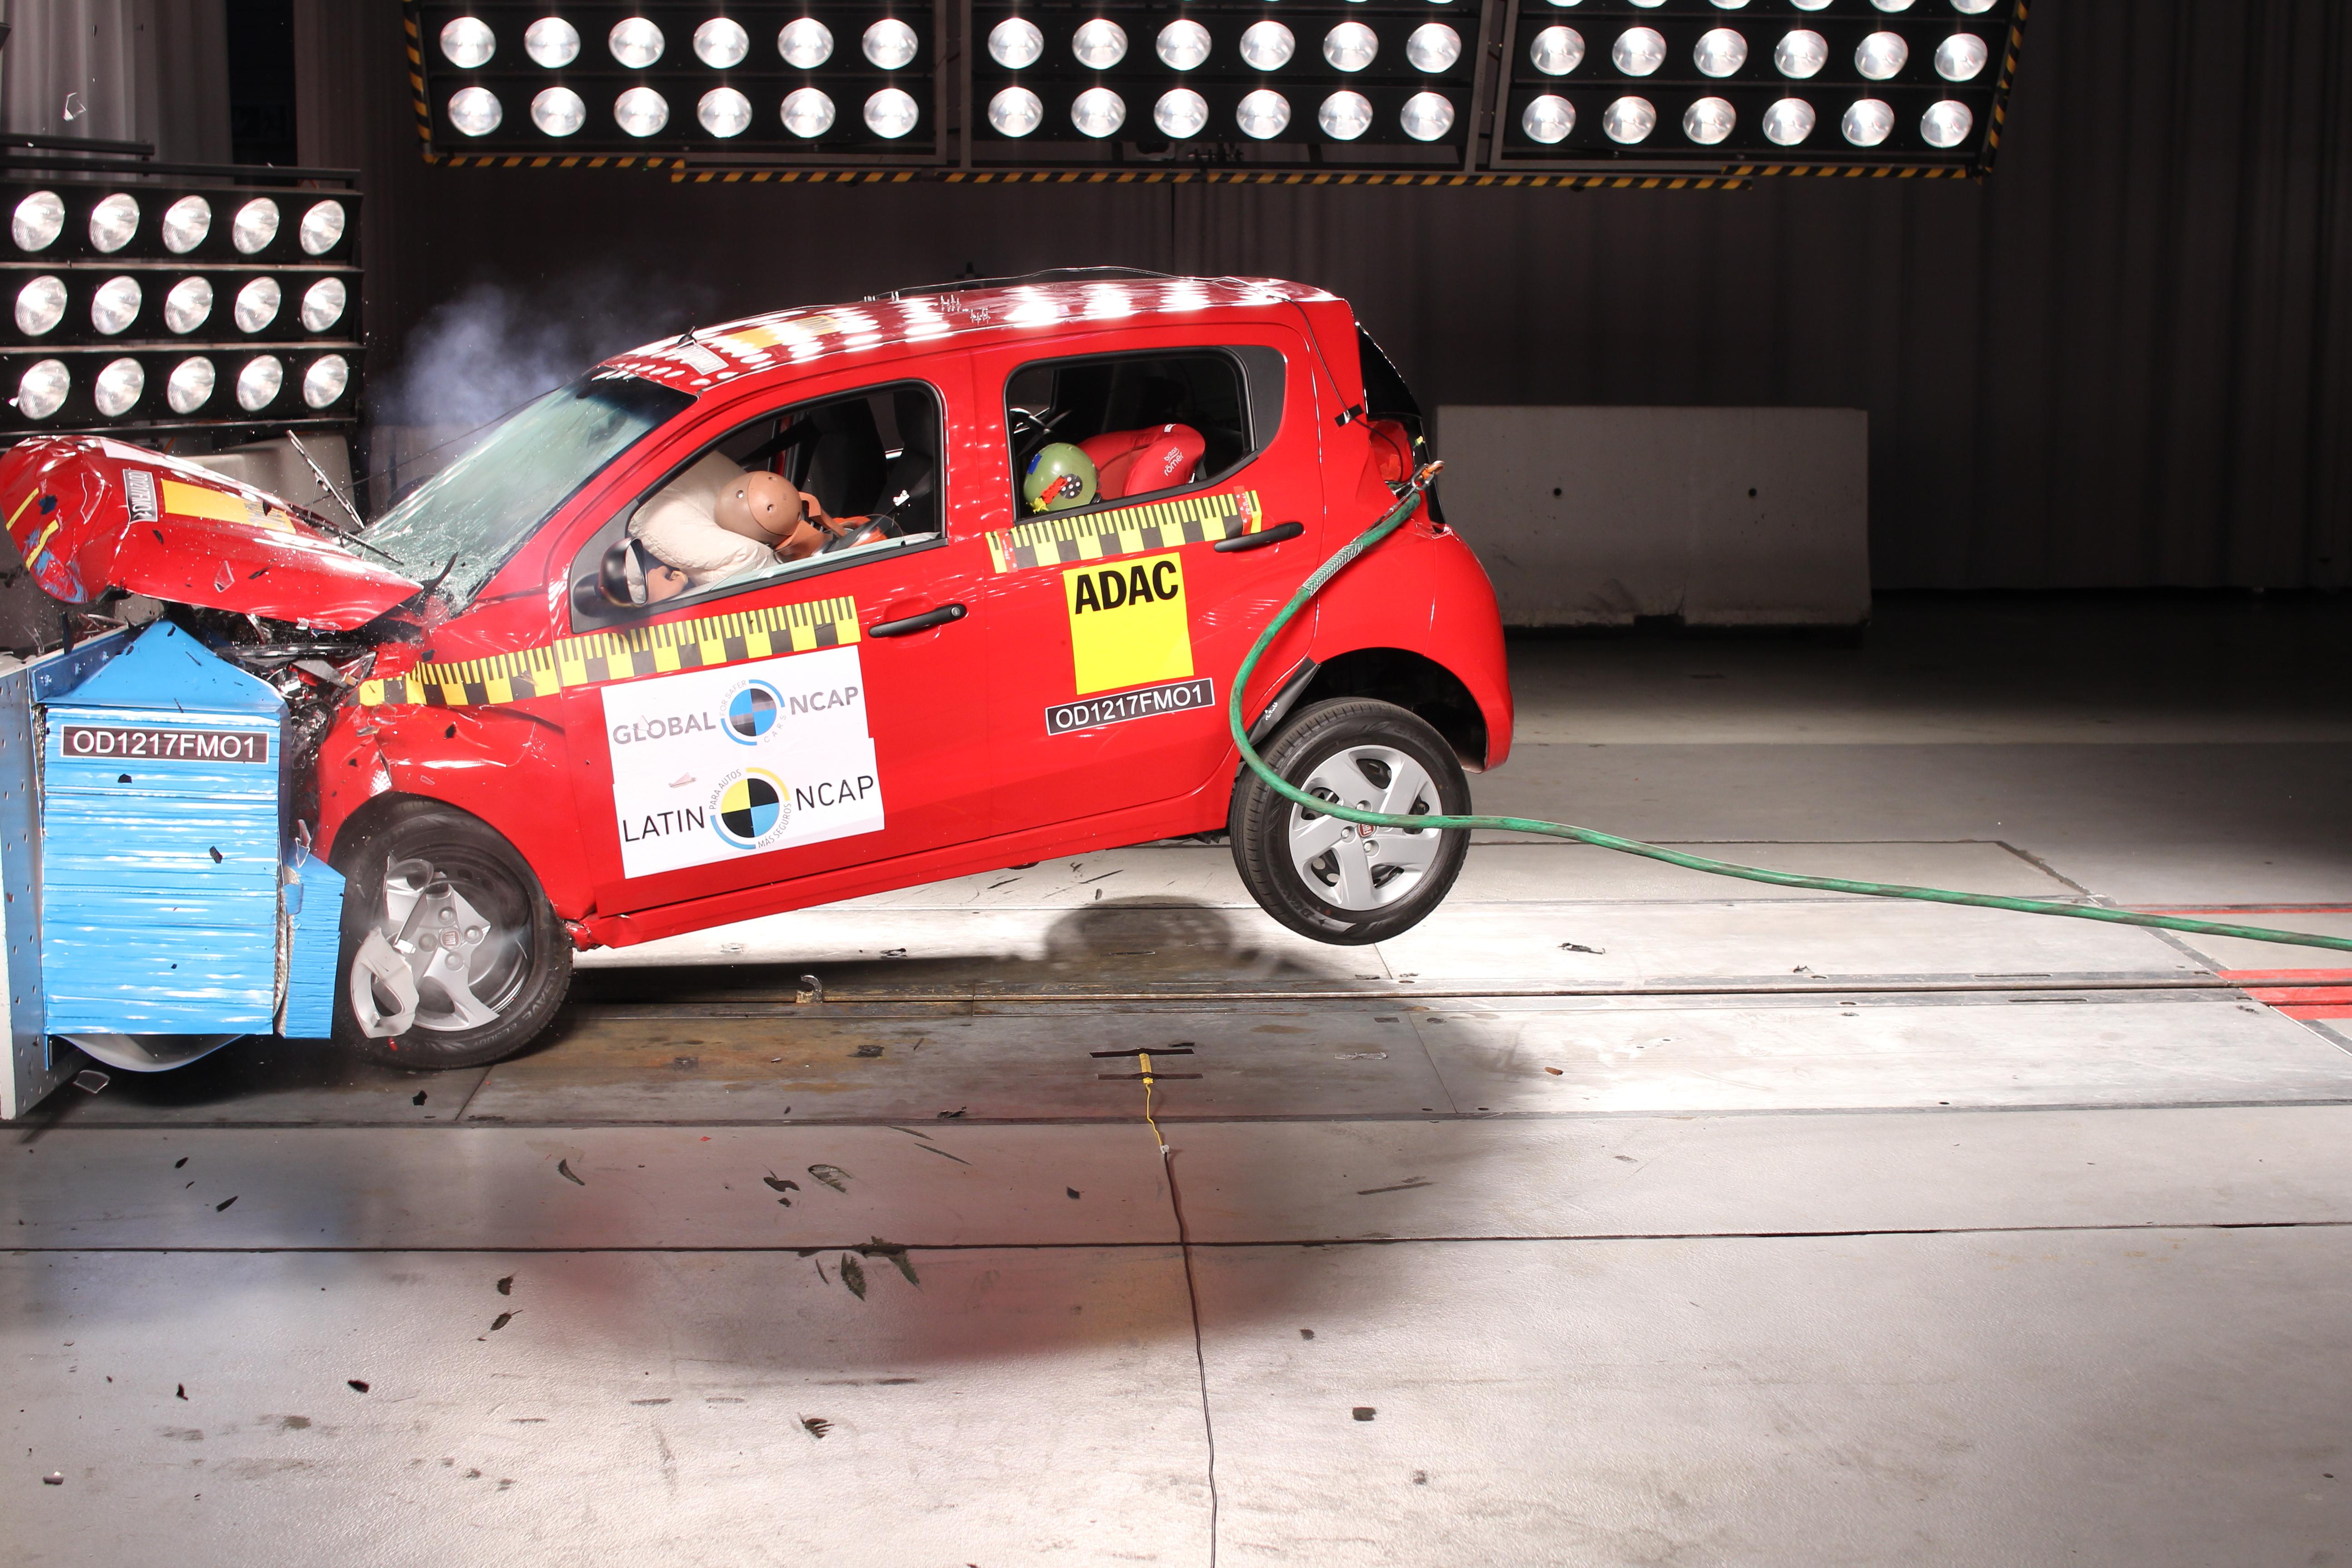 Fiat Mobi recebe uma estrela no Latin NCAP